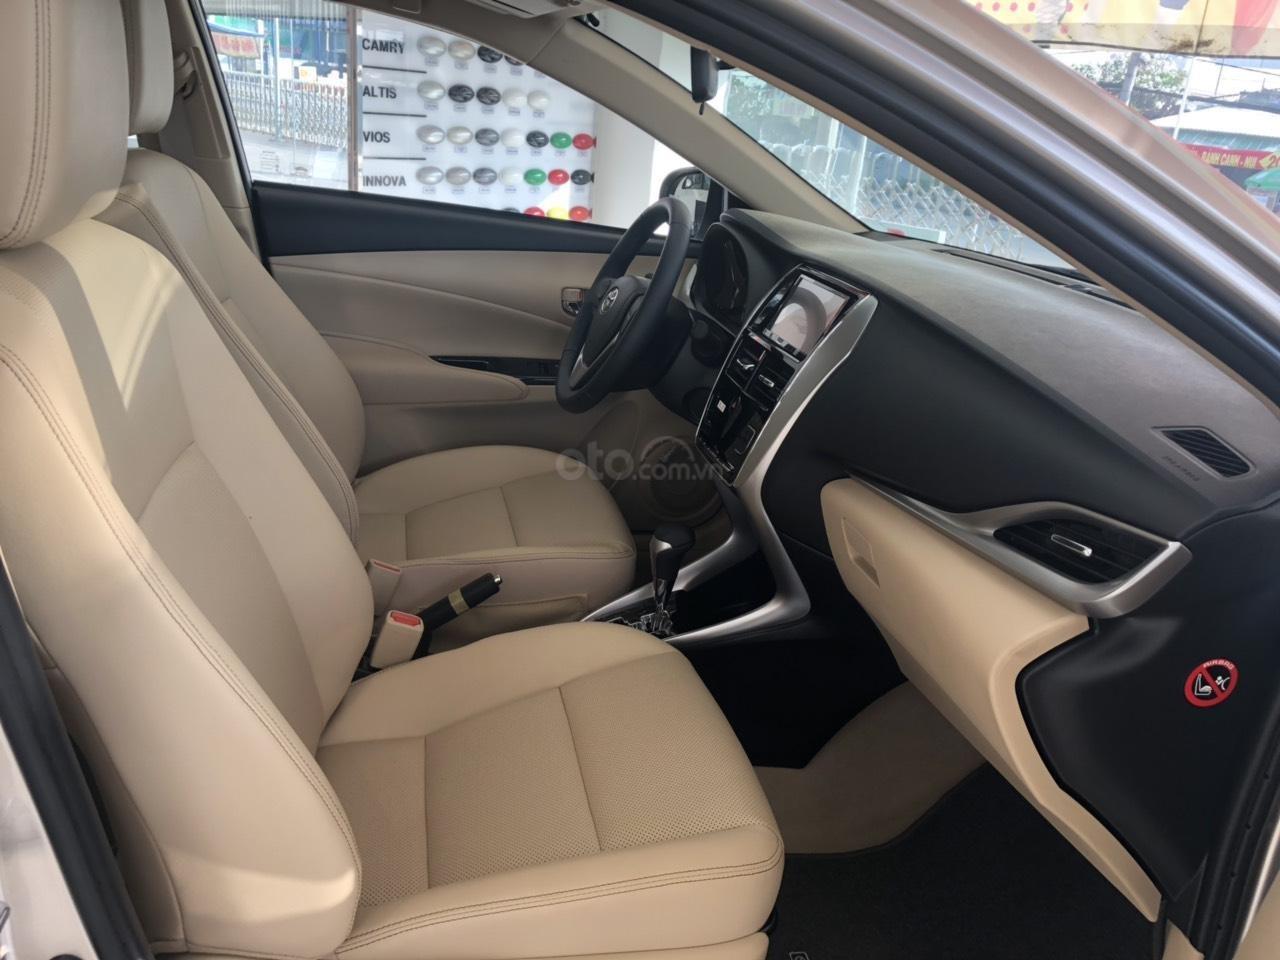 Bán Toyota Vios 1.5G cao cấp màu nâu vàng - giao xe ngay (5)